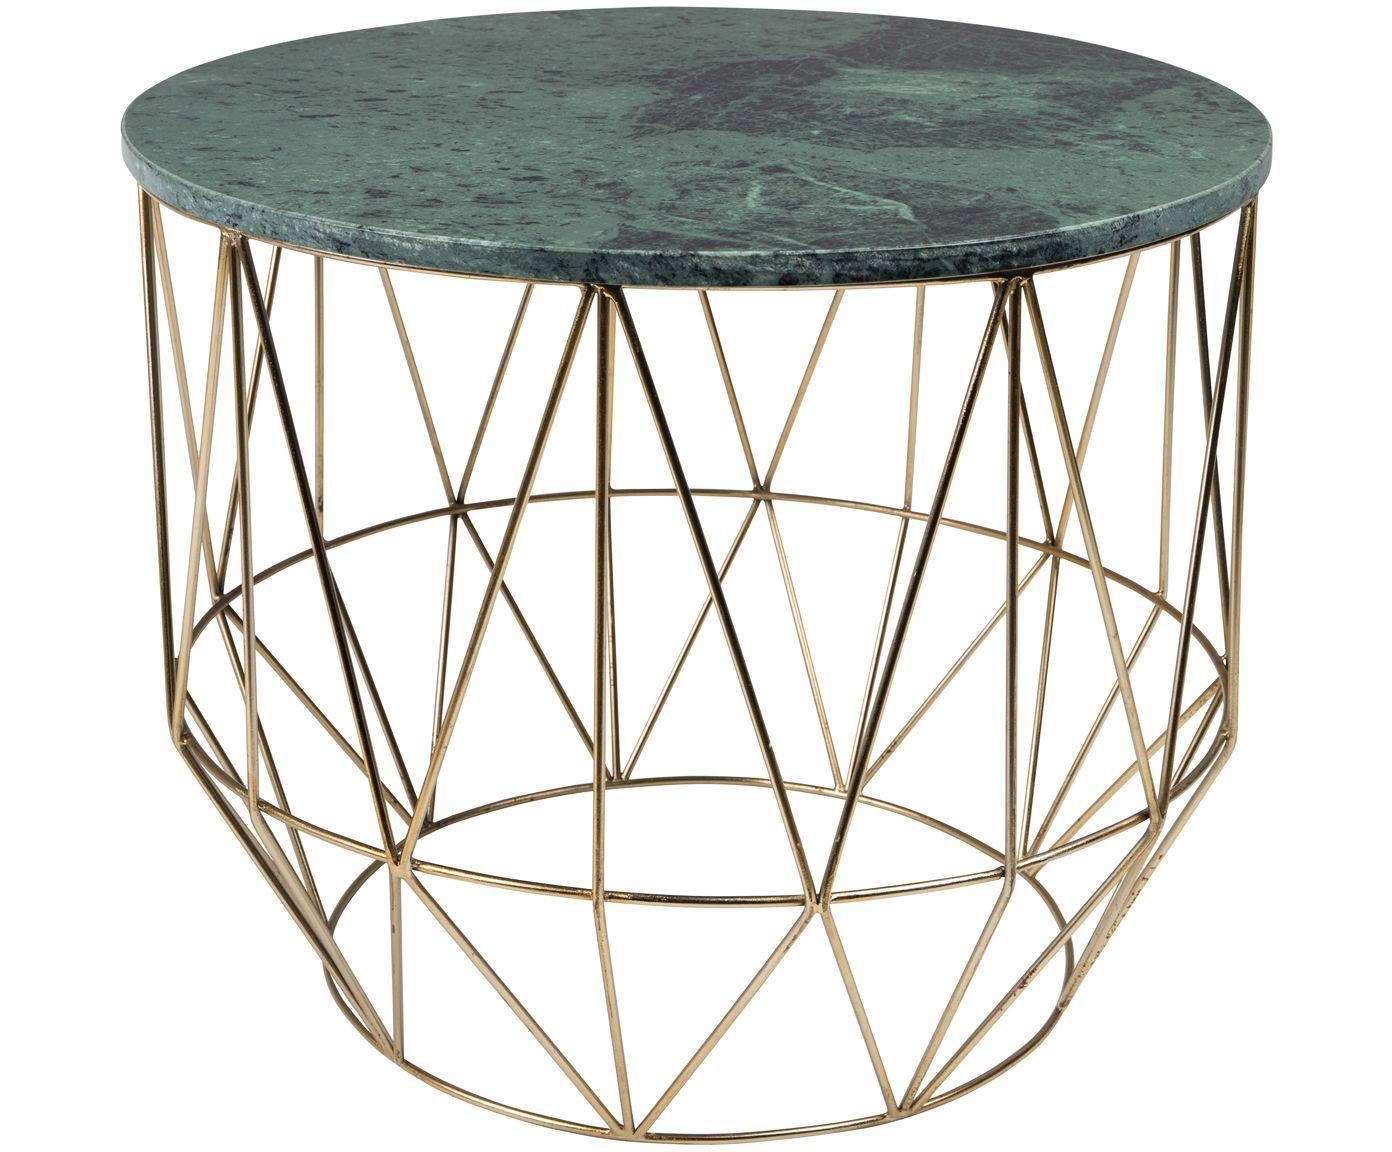 Machen Sie Ihr Wohnzimmer Mit Dem Couchtisch Boss Gruner Marmor Tischplatte Und Messingfarbenem Gestell